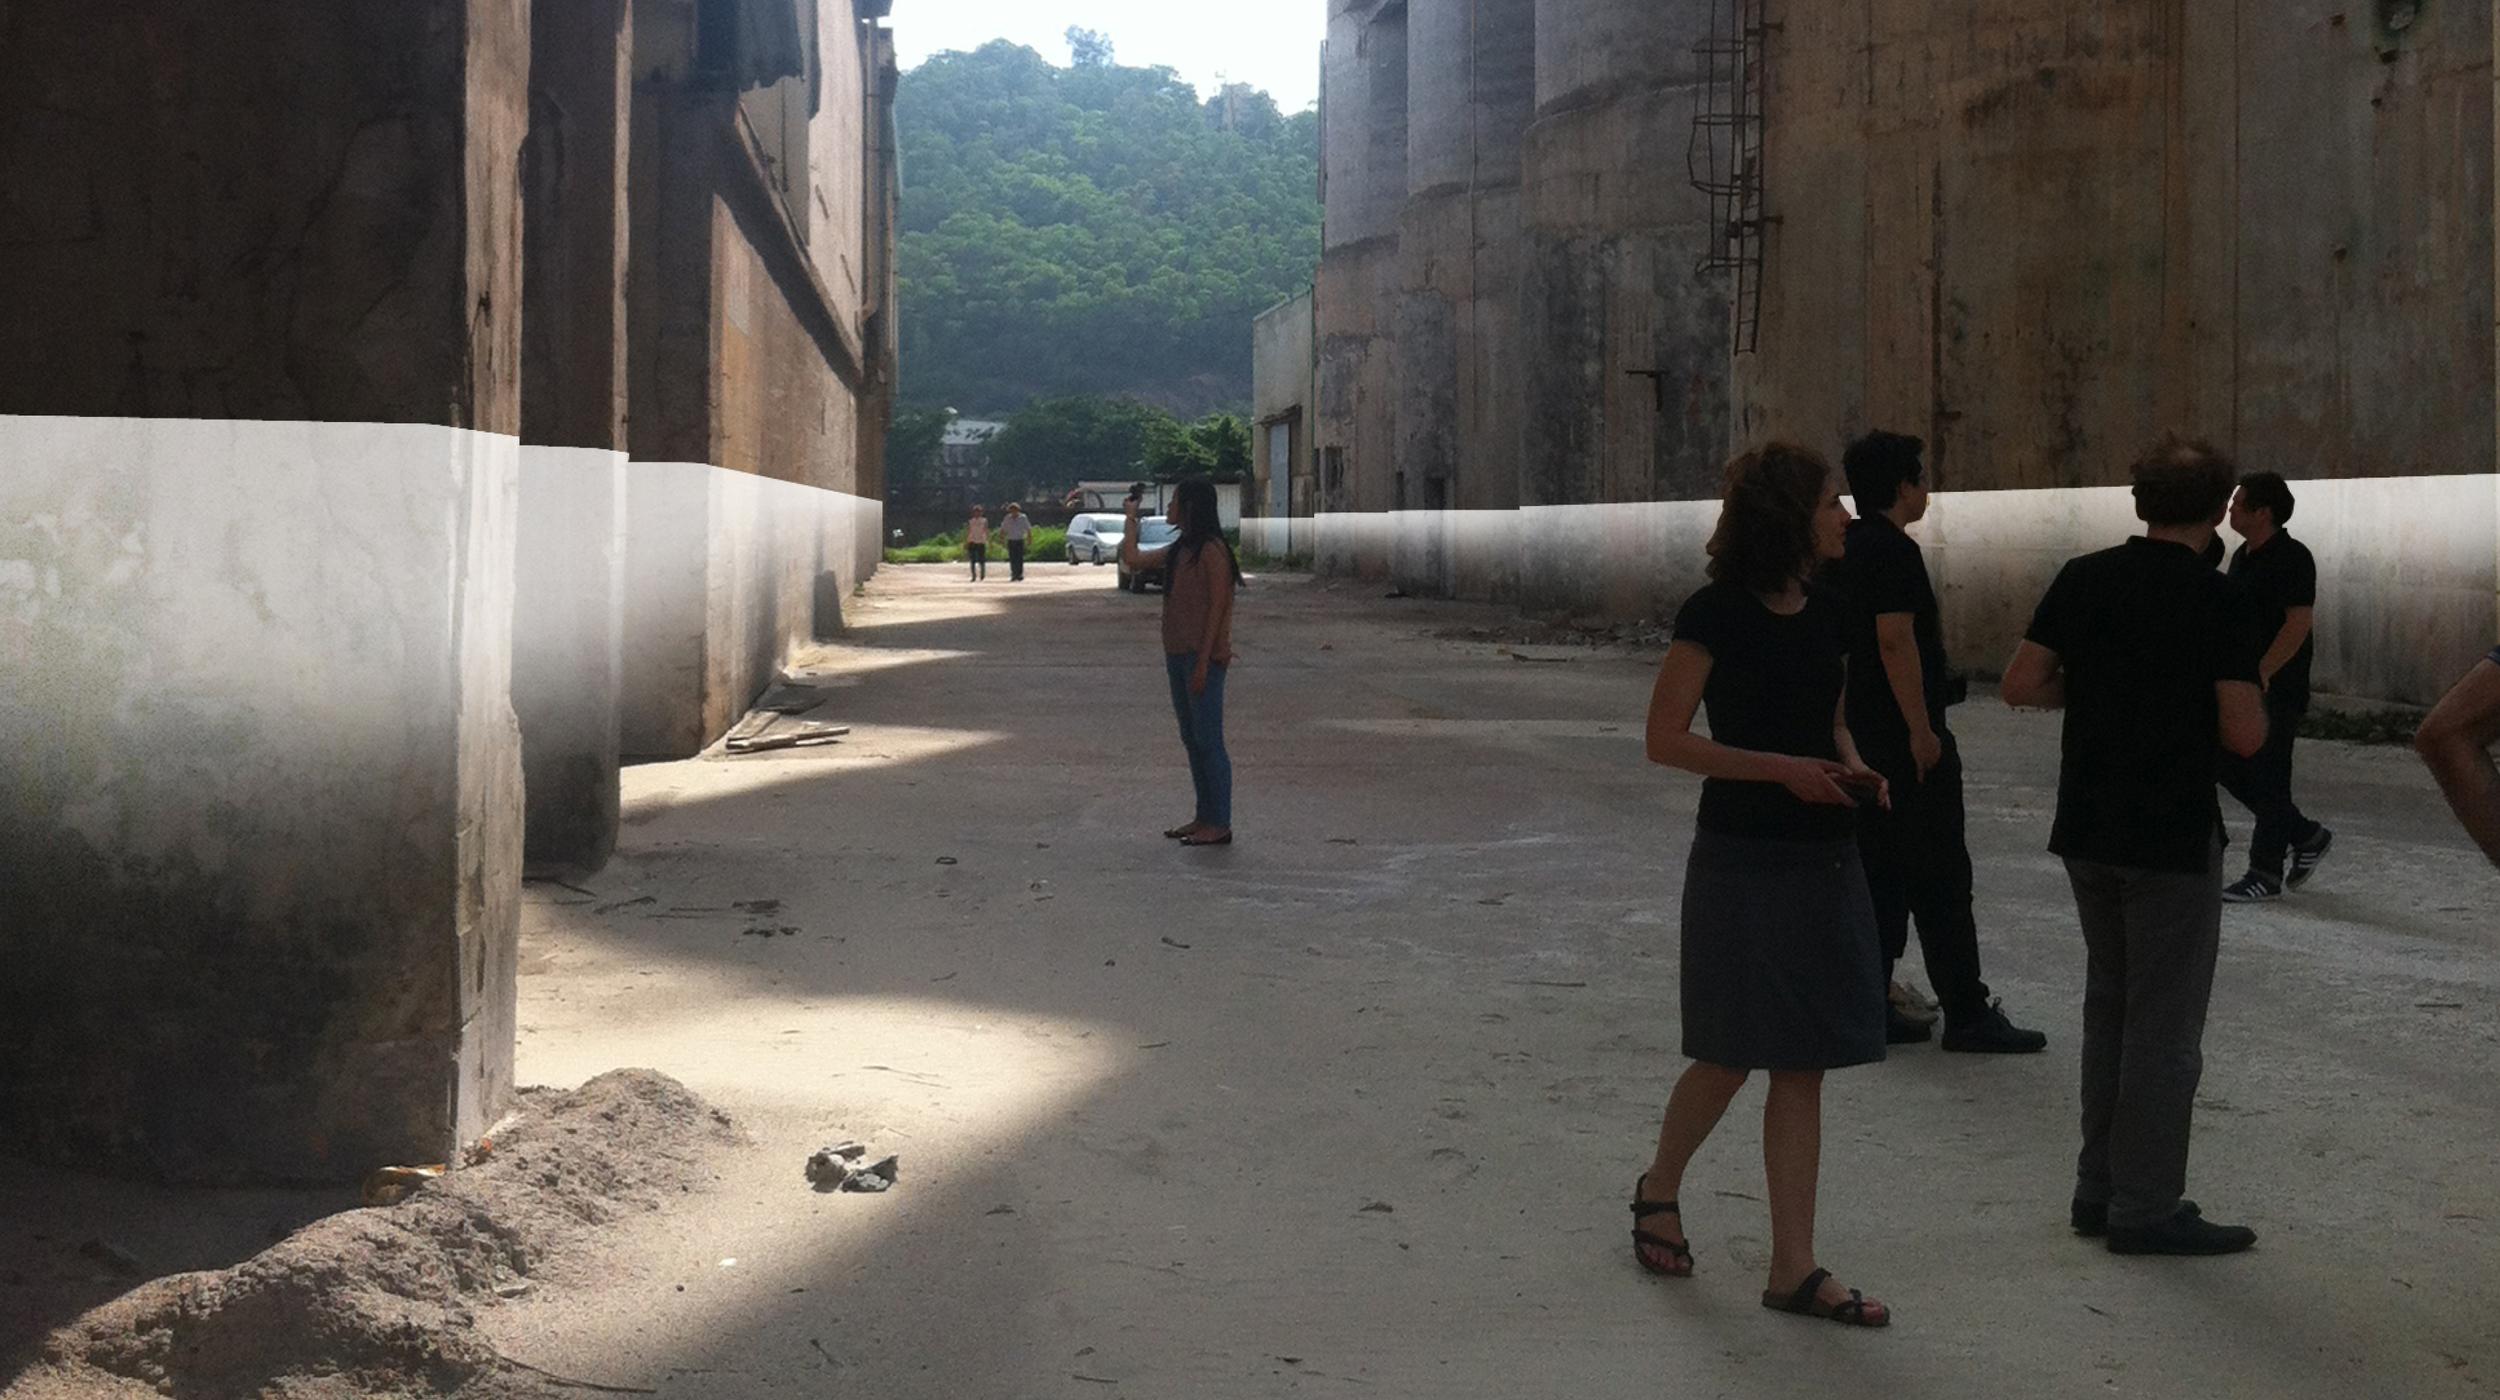 Nitsche - LOW TIDE - Shenzhen Biennale 2013 7x.jpg